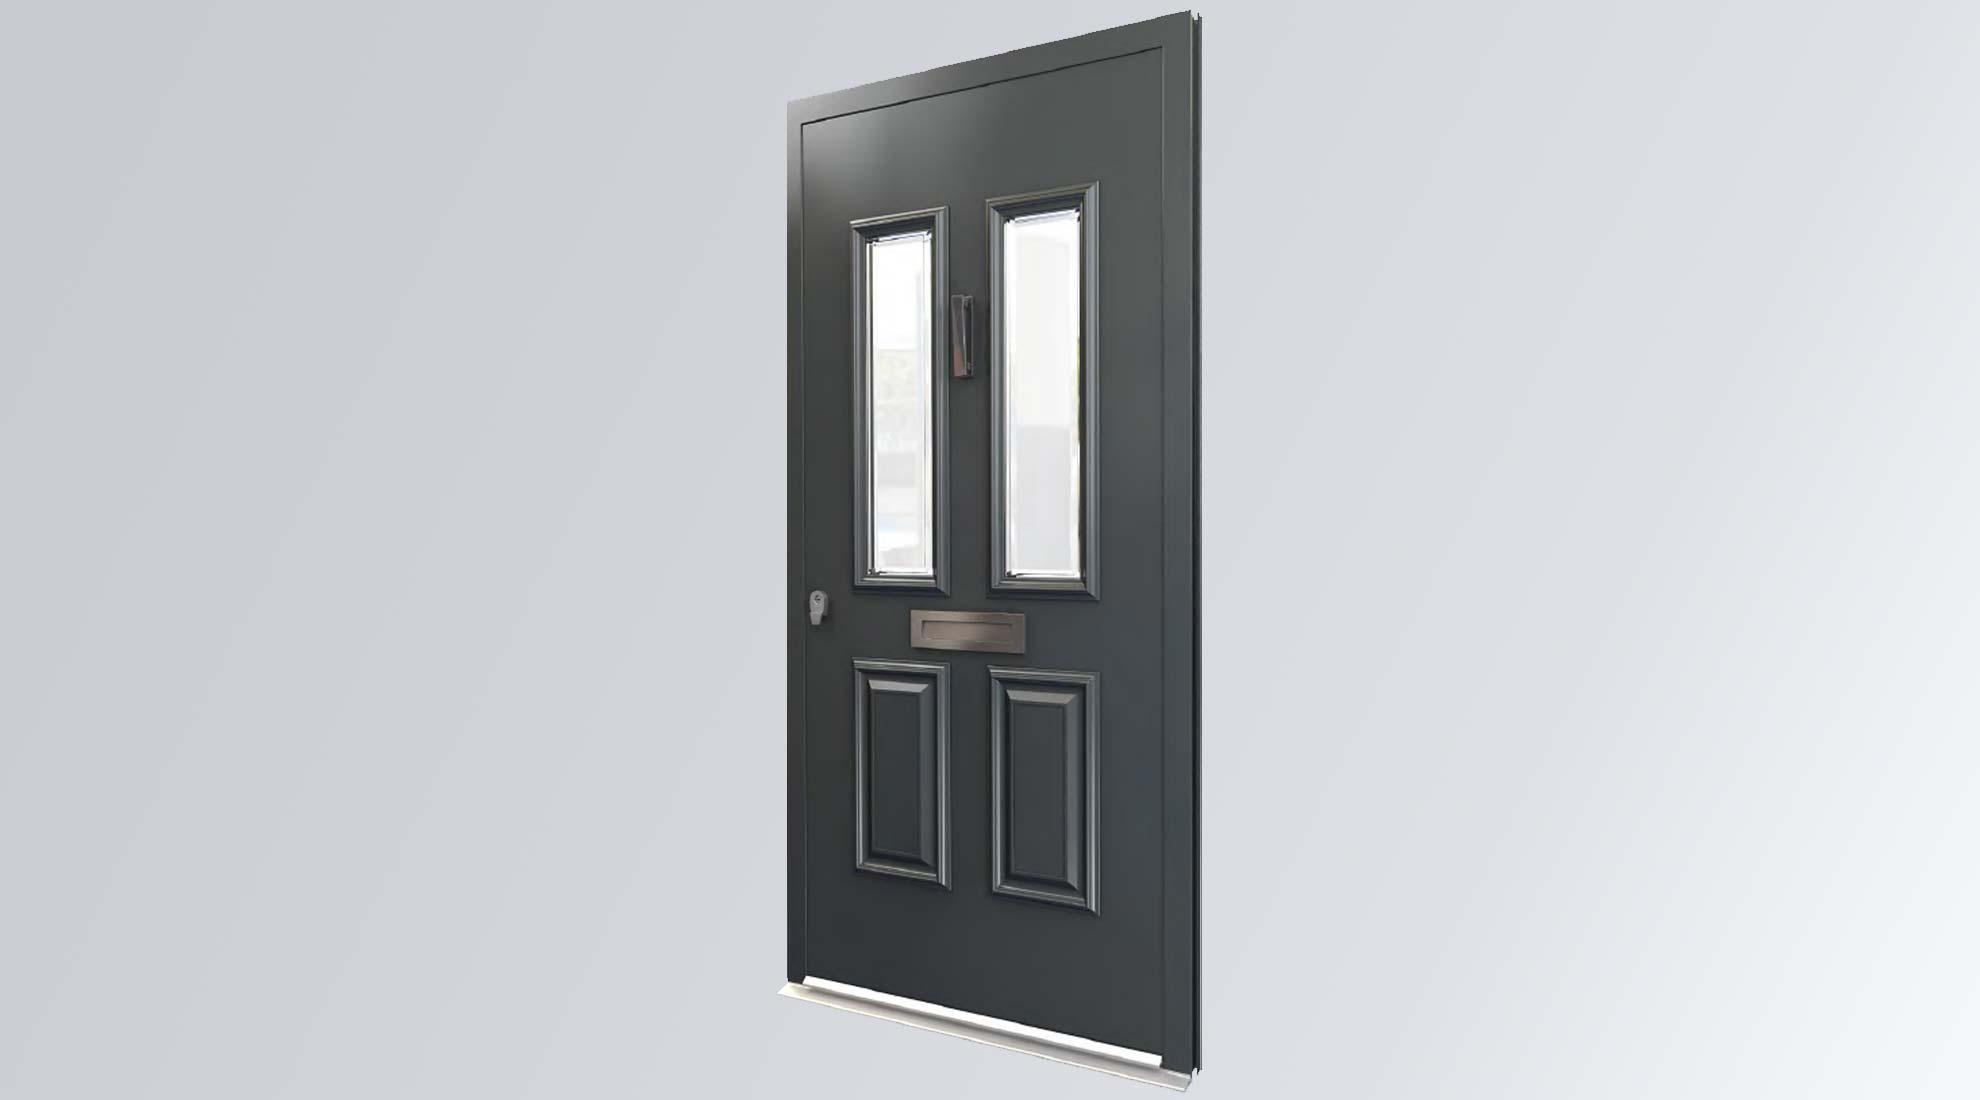 dark grey traditional front door on a grey gradient background